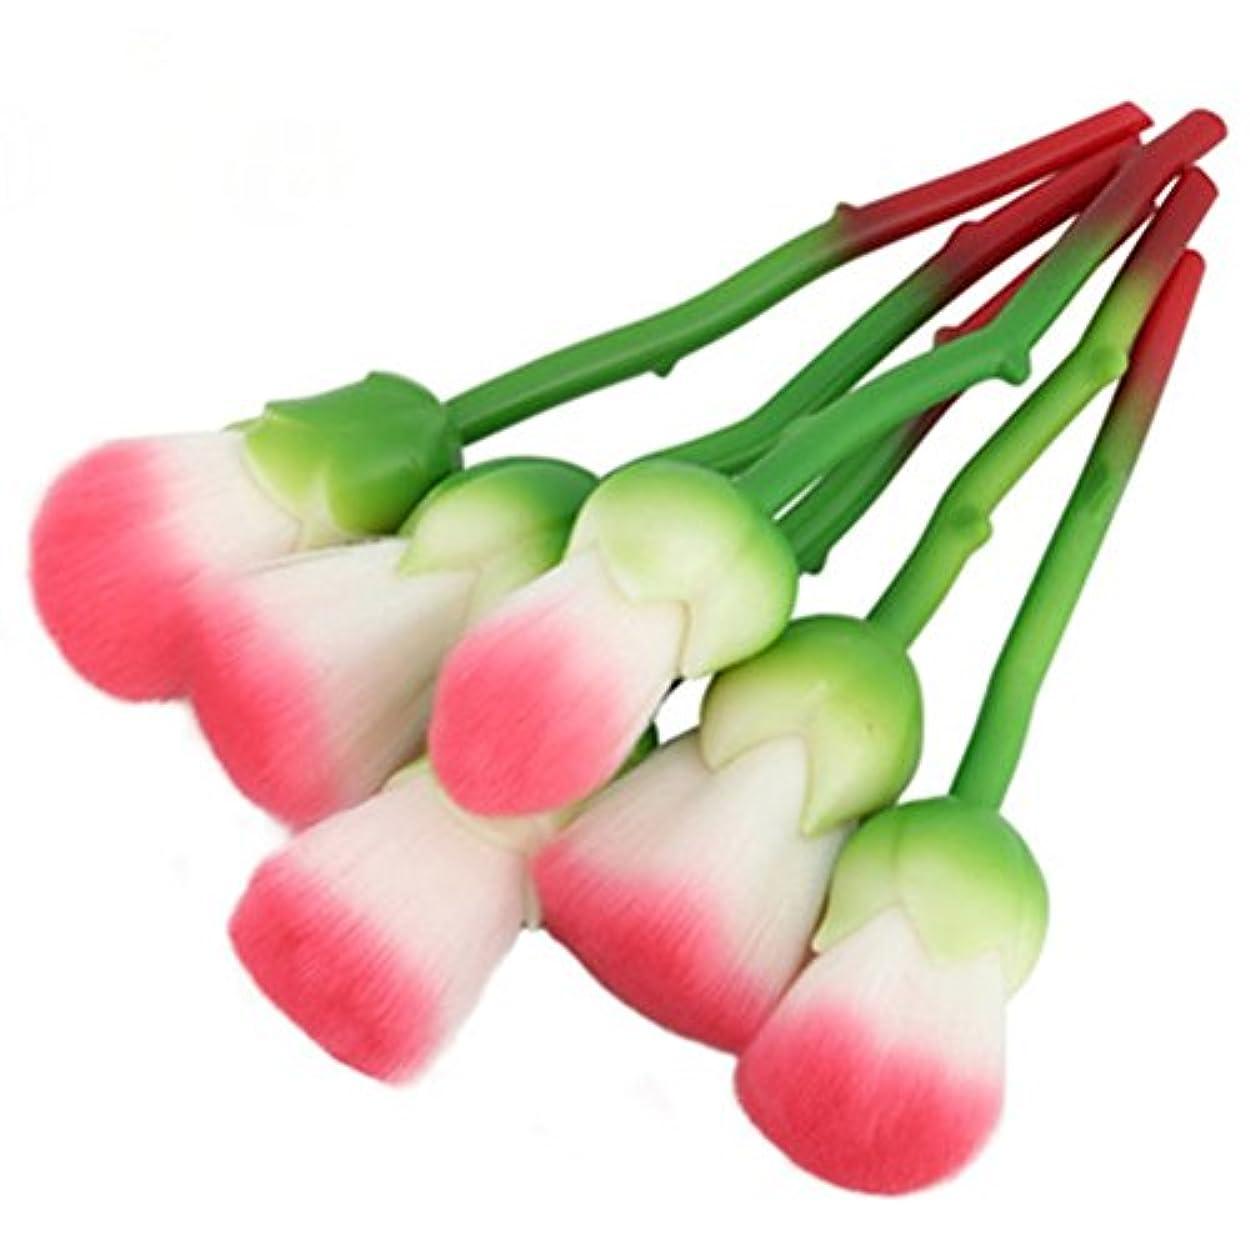 ダーリン広いブラジャーディラビューティー(Dilla Beauty) メイクブラシ 薔薇 メイクブラシセット 人気 ファンデーションブラシ 化粧筆 可愛い 化粧ブラシ セット パウダーブラシ フェイスブラシ ローズ メイクブラシ 6本セット ケース付き (グリーン)